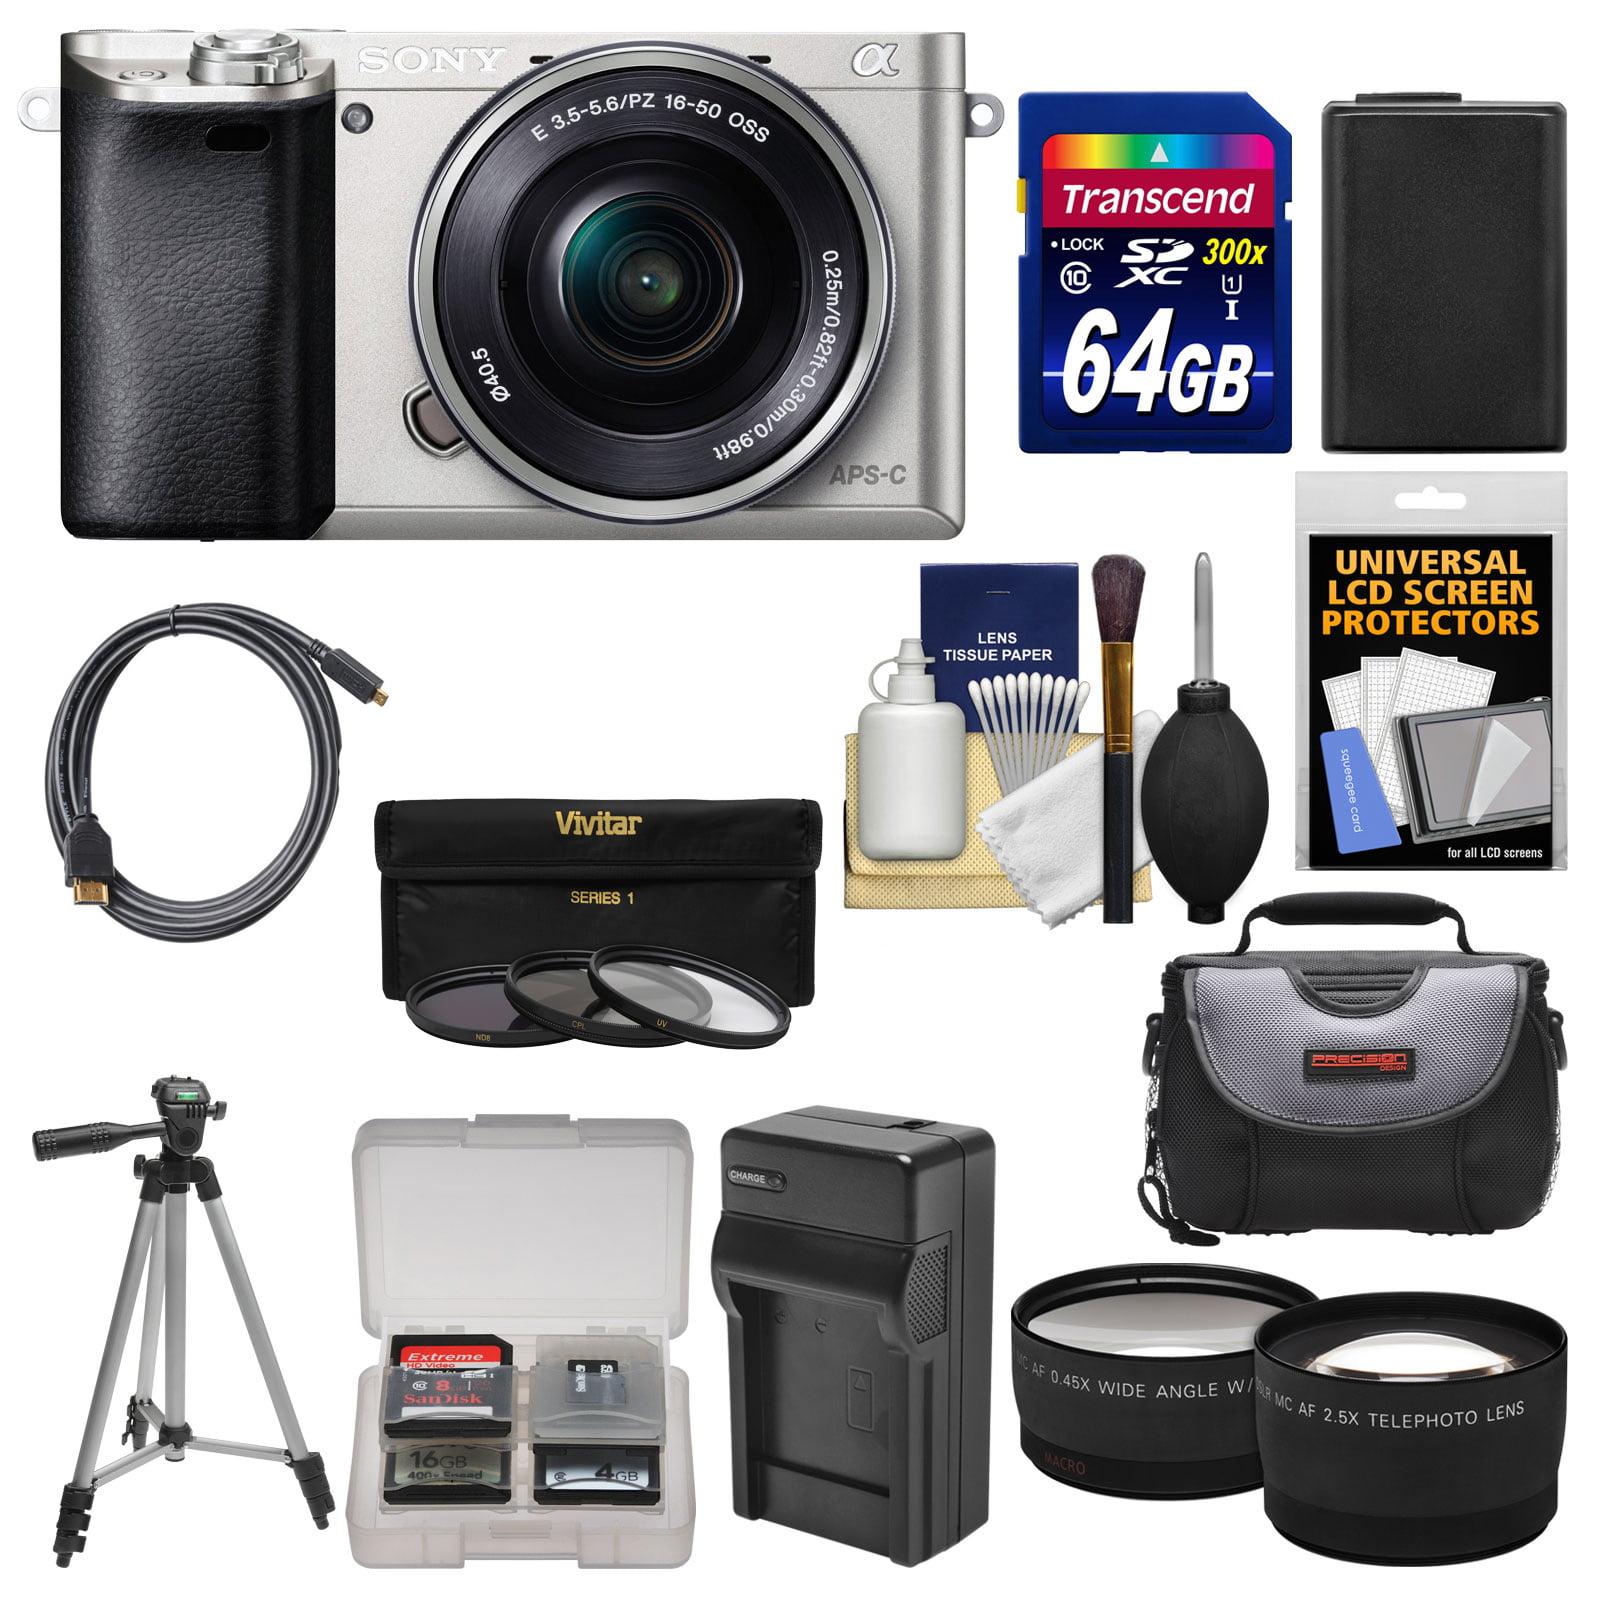 Sony Alpha A6000 Wi-Fi Digital Camera & 16-50mm Lens (Silver) with 64GB Card + Case +... by Sony